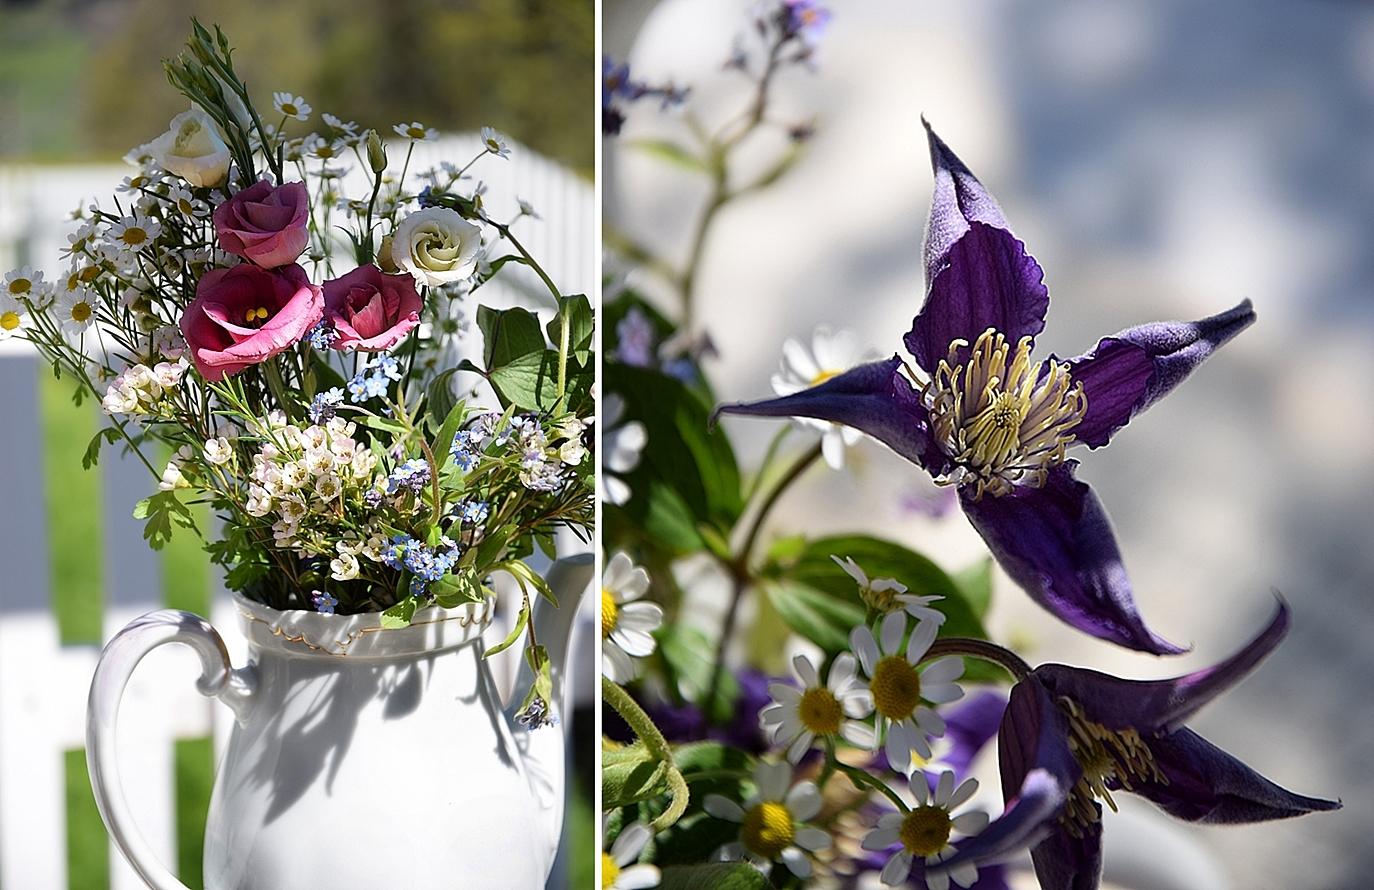 Edles-Porzellan-als-romantischer-Begleiter-für-Blumen 17k